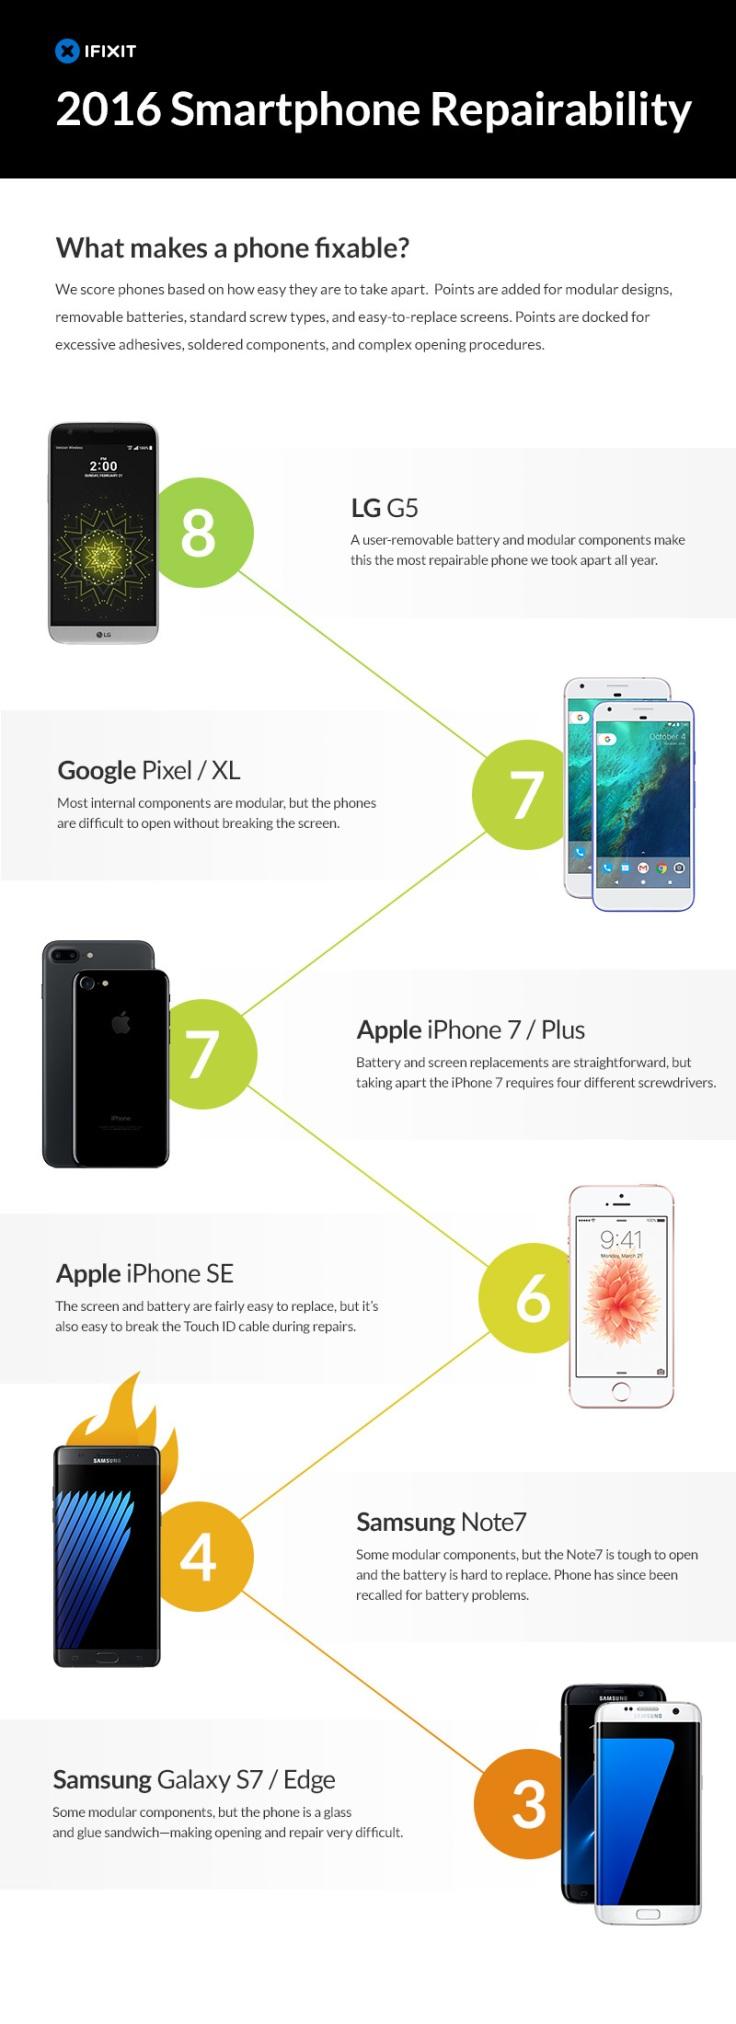 2016_Smartphone_Repairability_Infographic_iFixIt.jpg